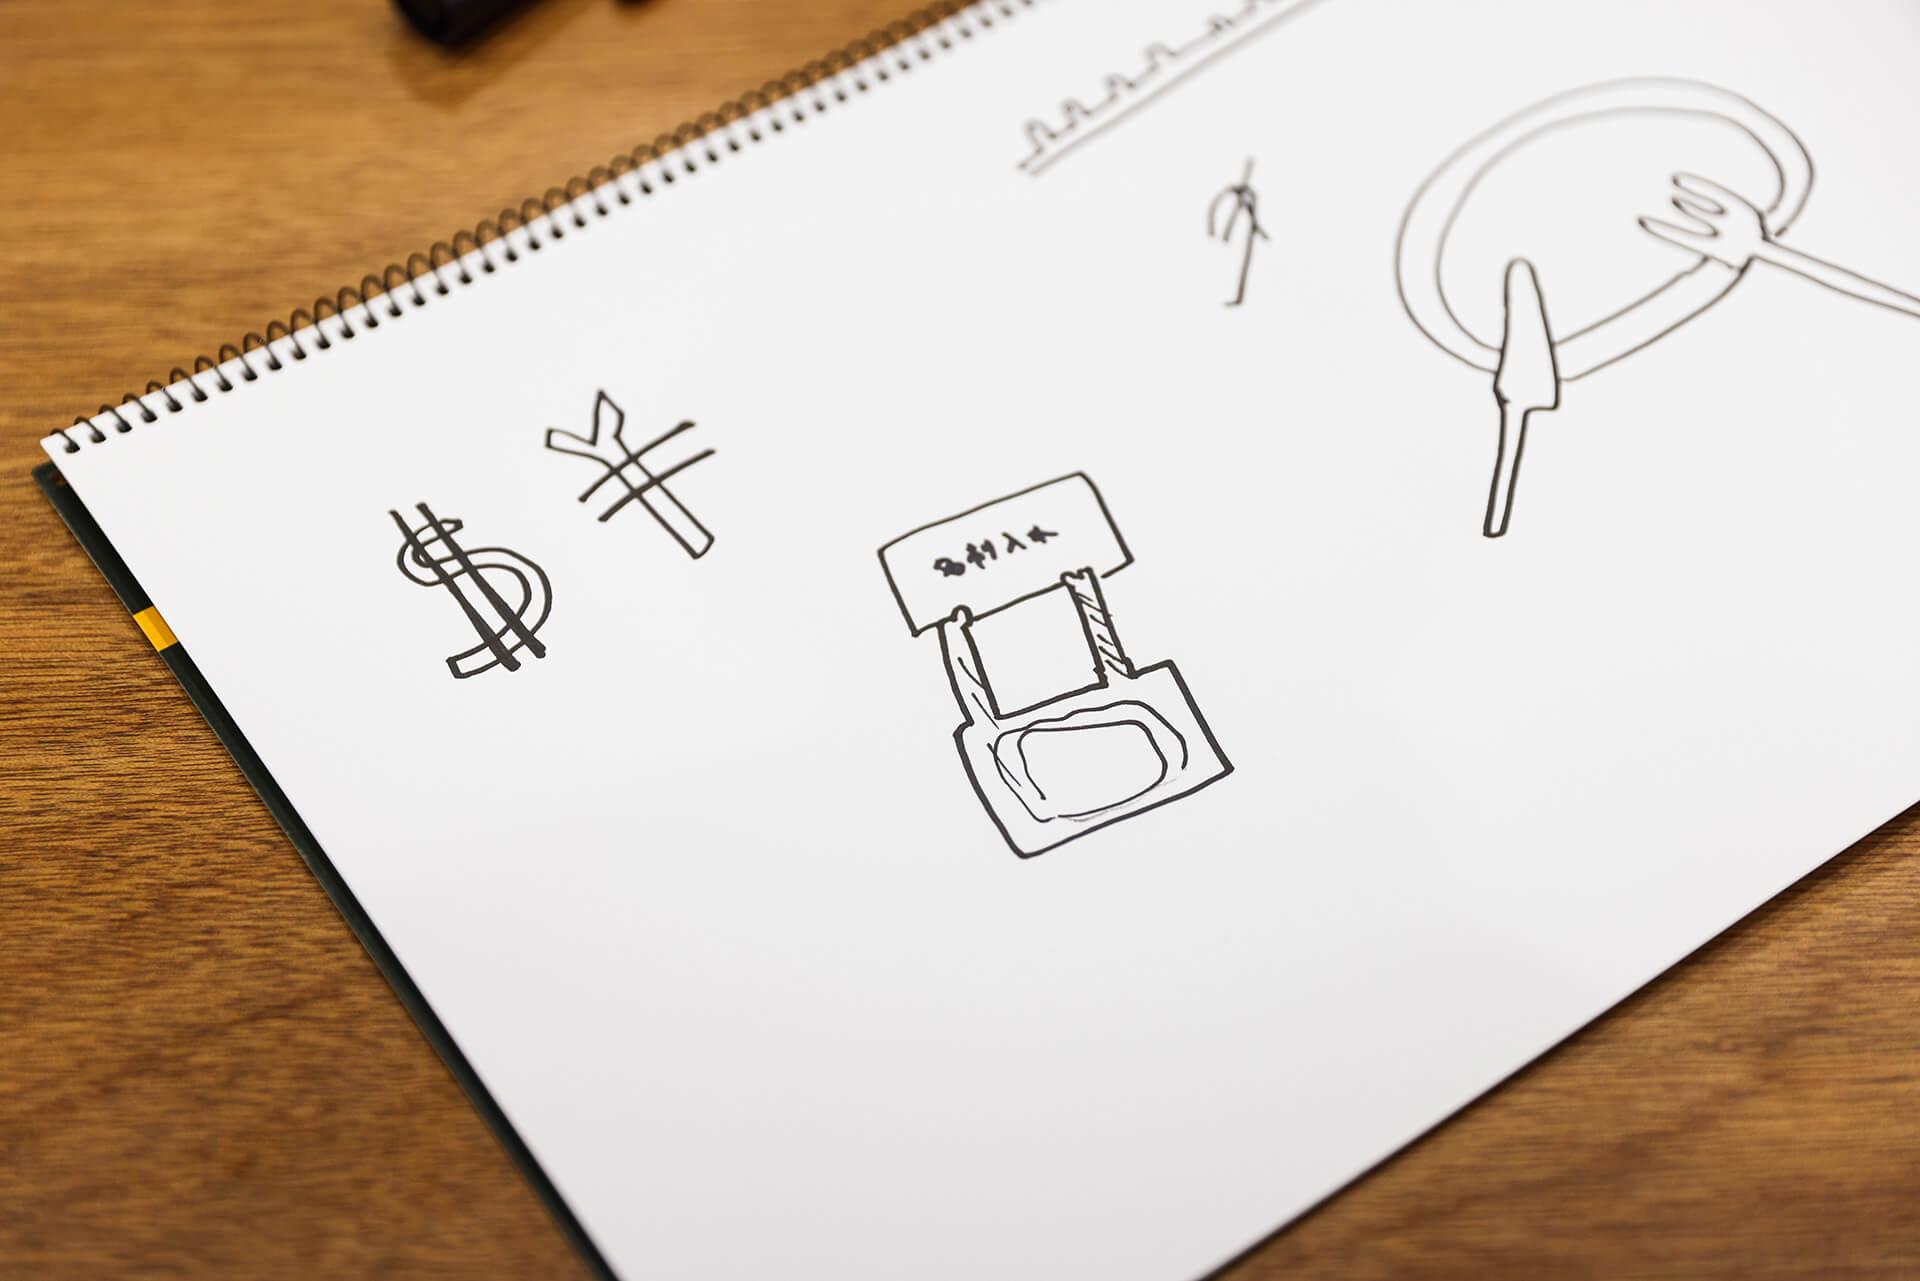 アーティスト・ぼく脳が仕掛ける『EkiLabものづくりAWARD2021』側方支援企画「既成概念という箱を壊せ!」 interview-ekilab-bokunou-8